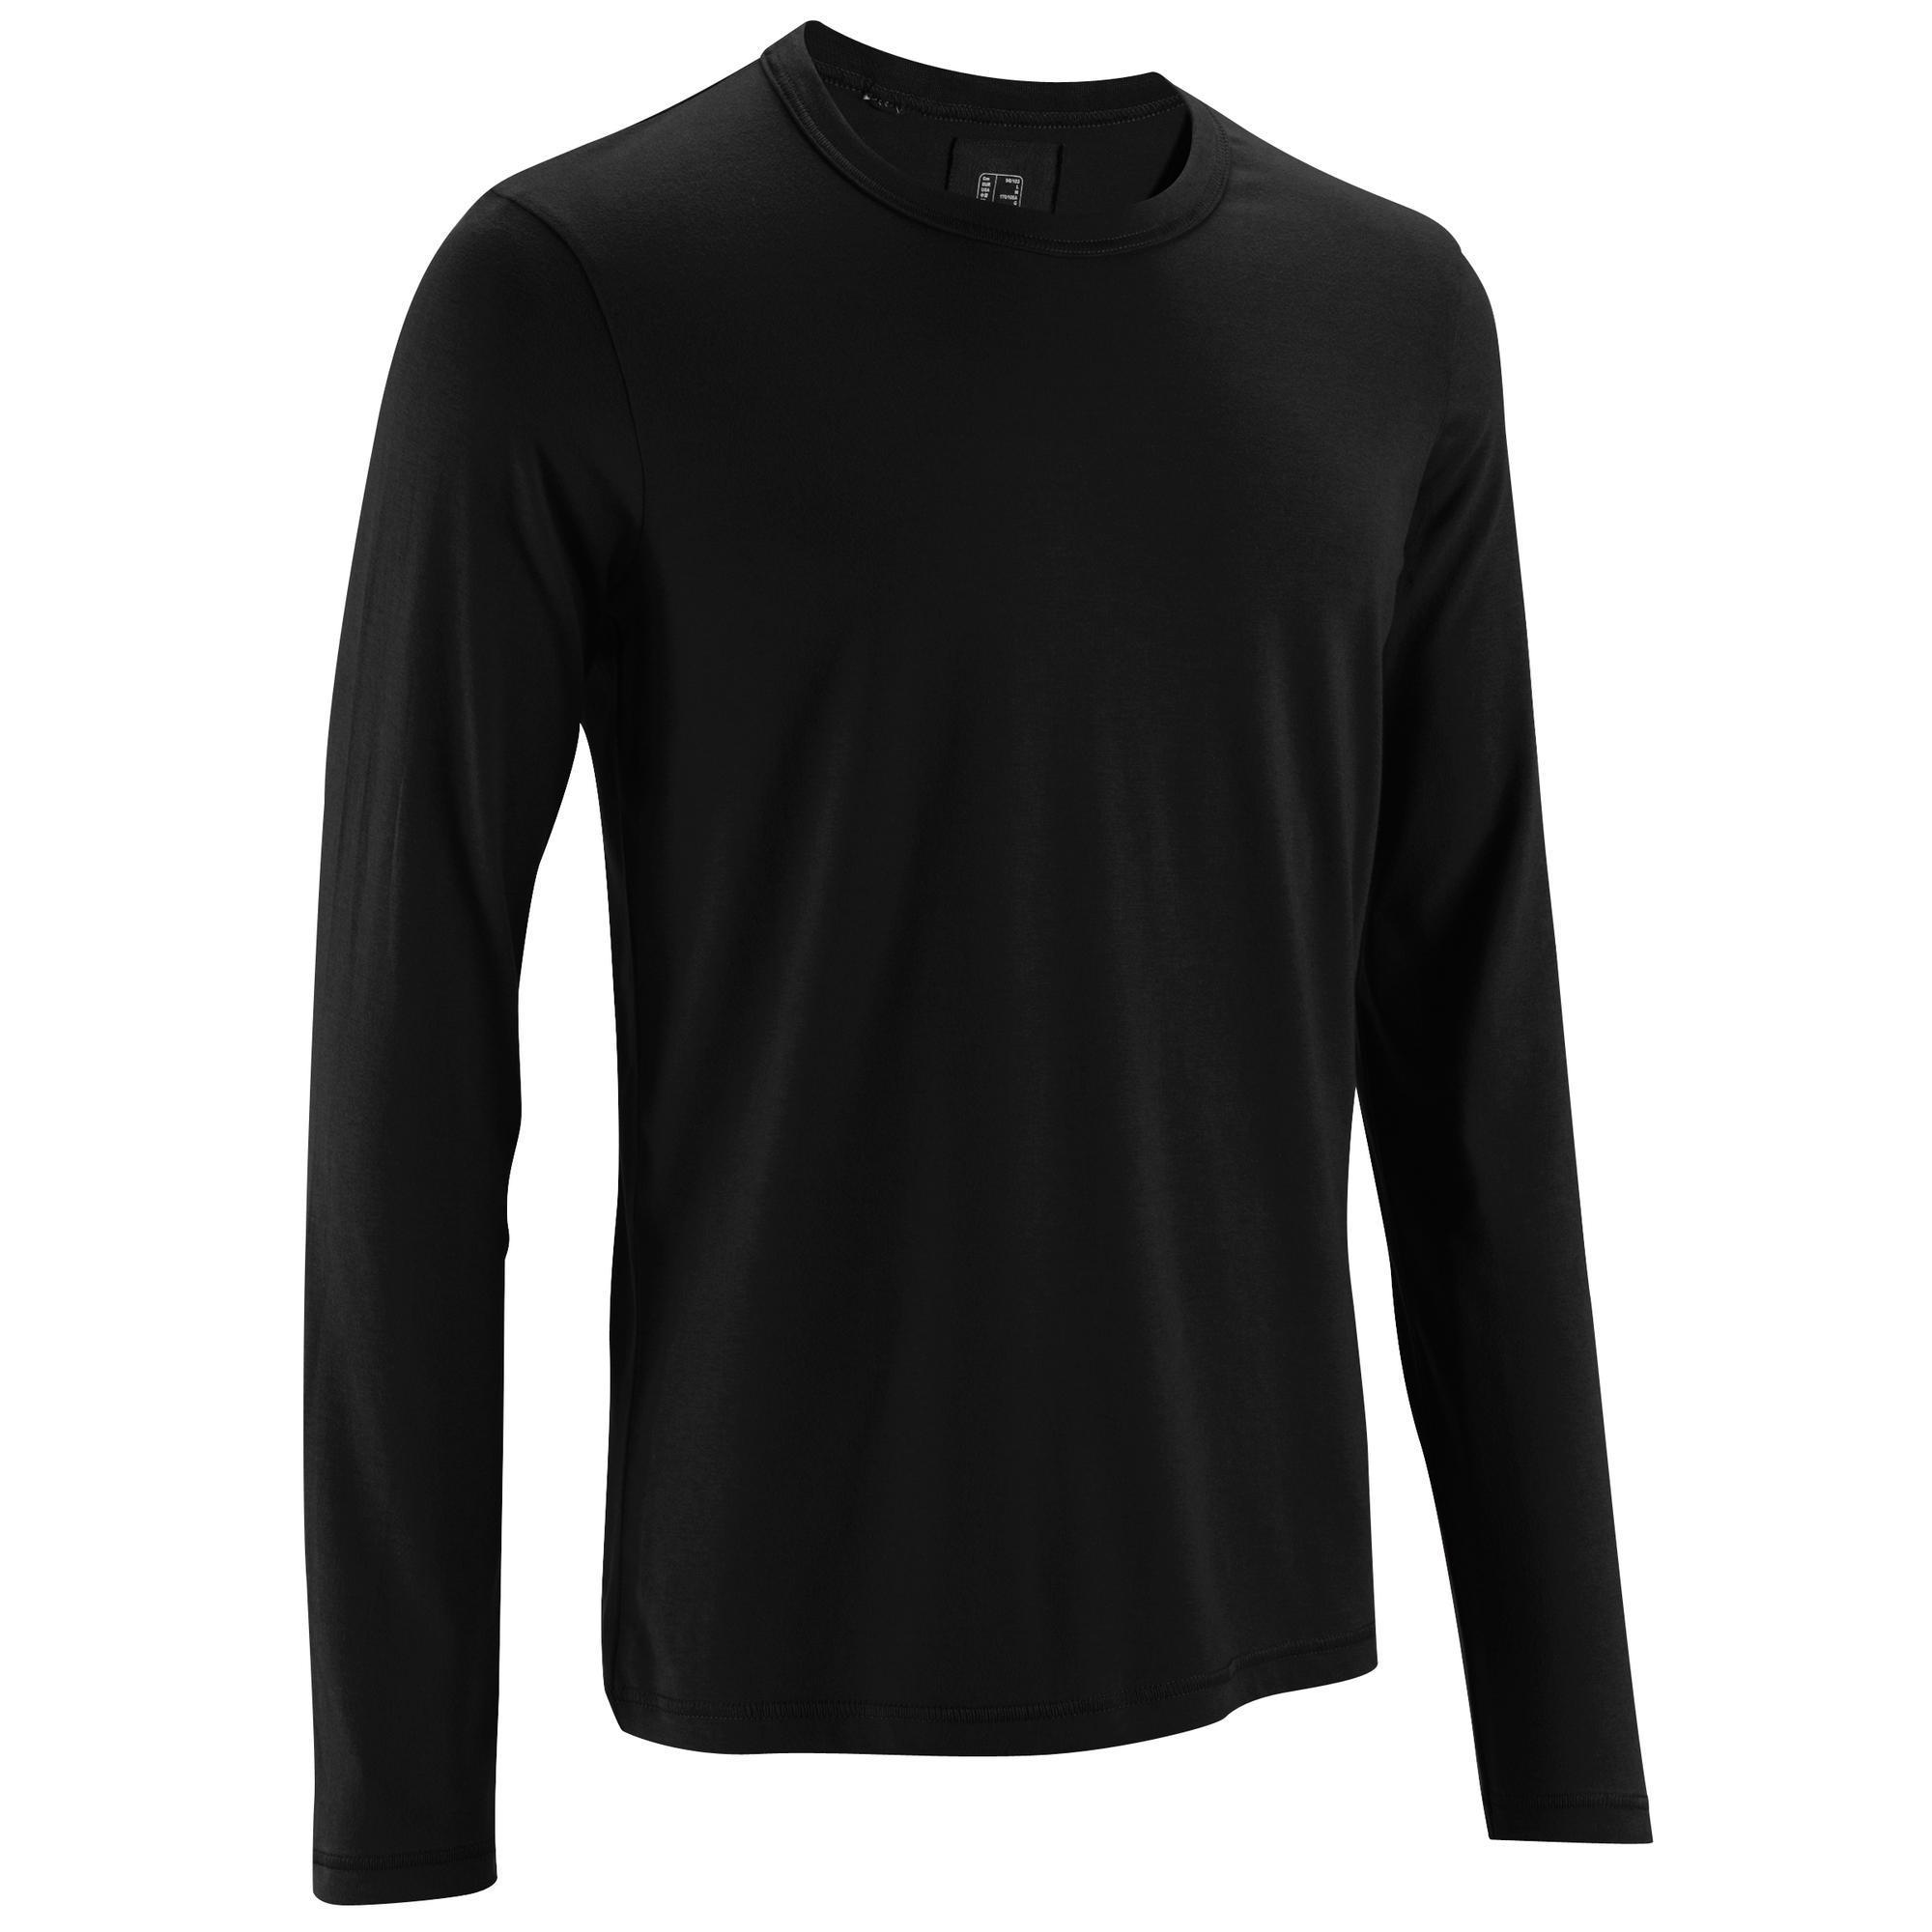 Ultra Club - T-shirt de sport - Manches Longues - Homme noir noir I9eKD2